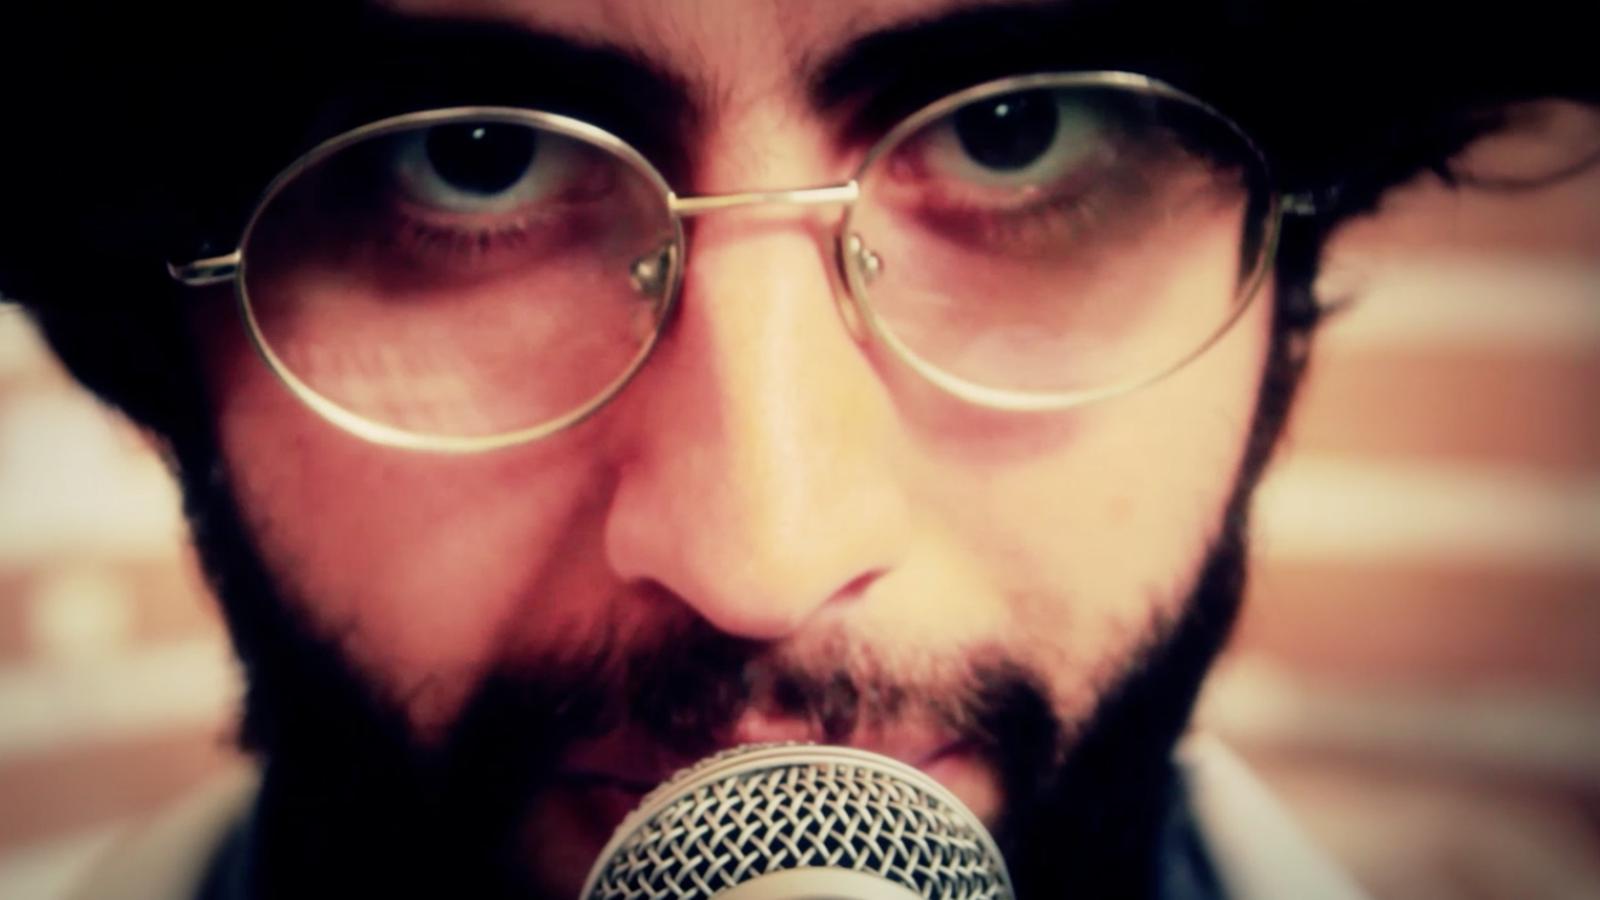 L'ARA estrena el vídeo 'El diable' del grup Bläue